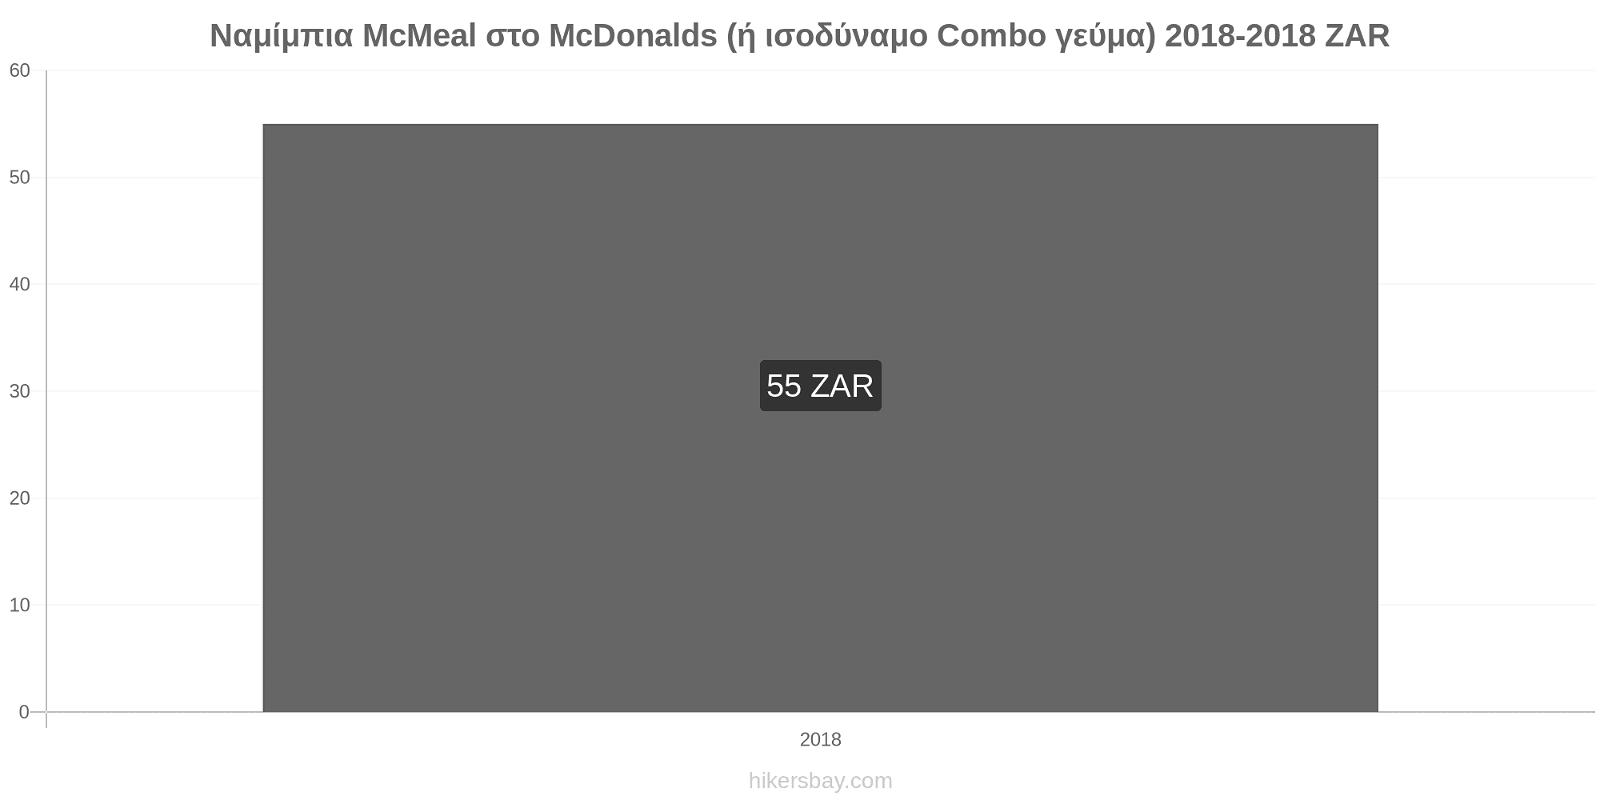 Ναμίμπια αλλαγές τιμών McMeal στο McDonalds (ή ισοδύναμο Combo γεύμα) hikersbay.com